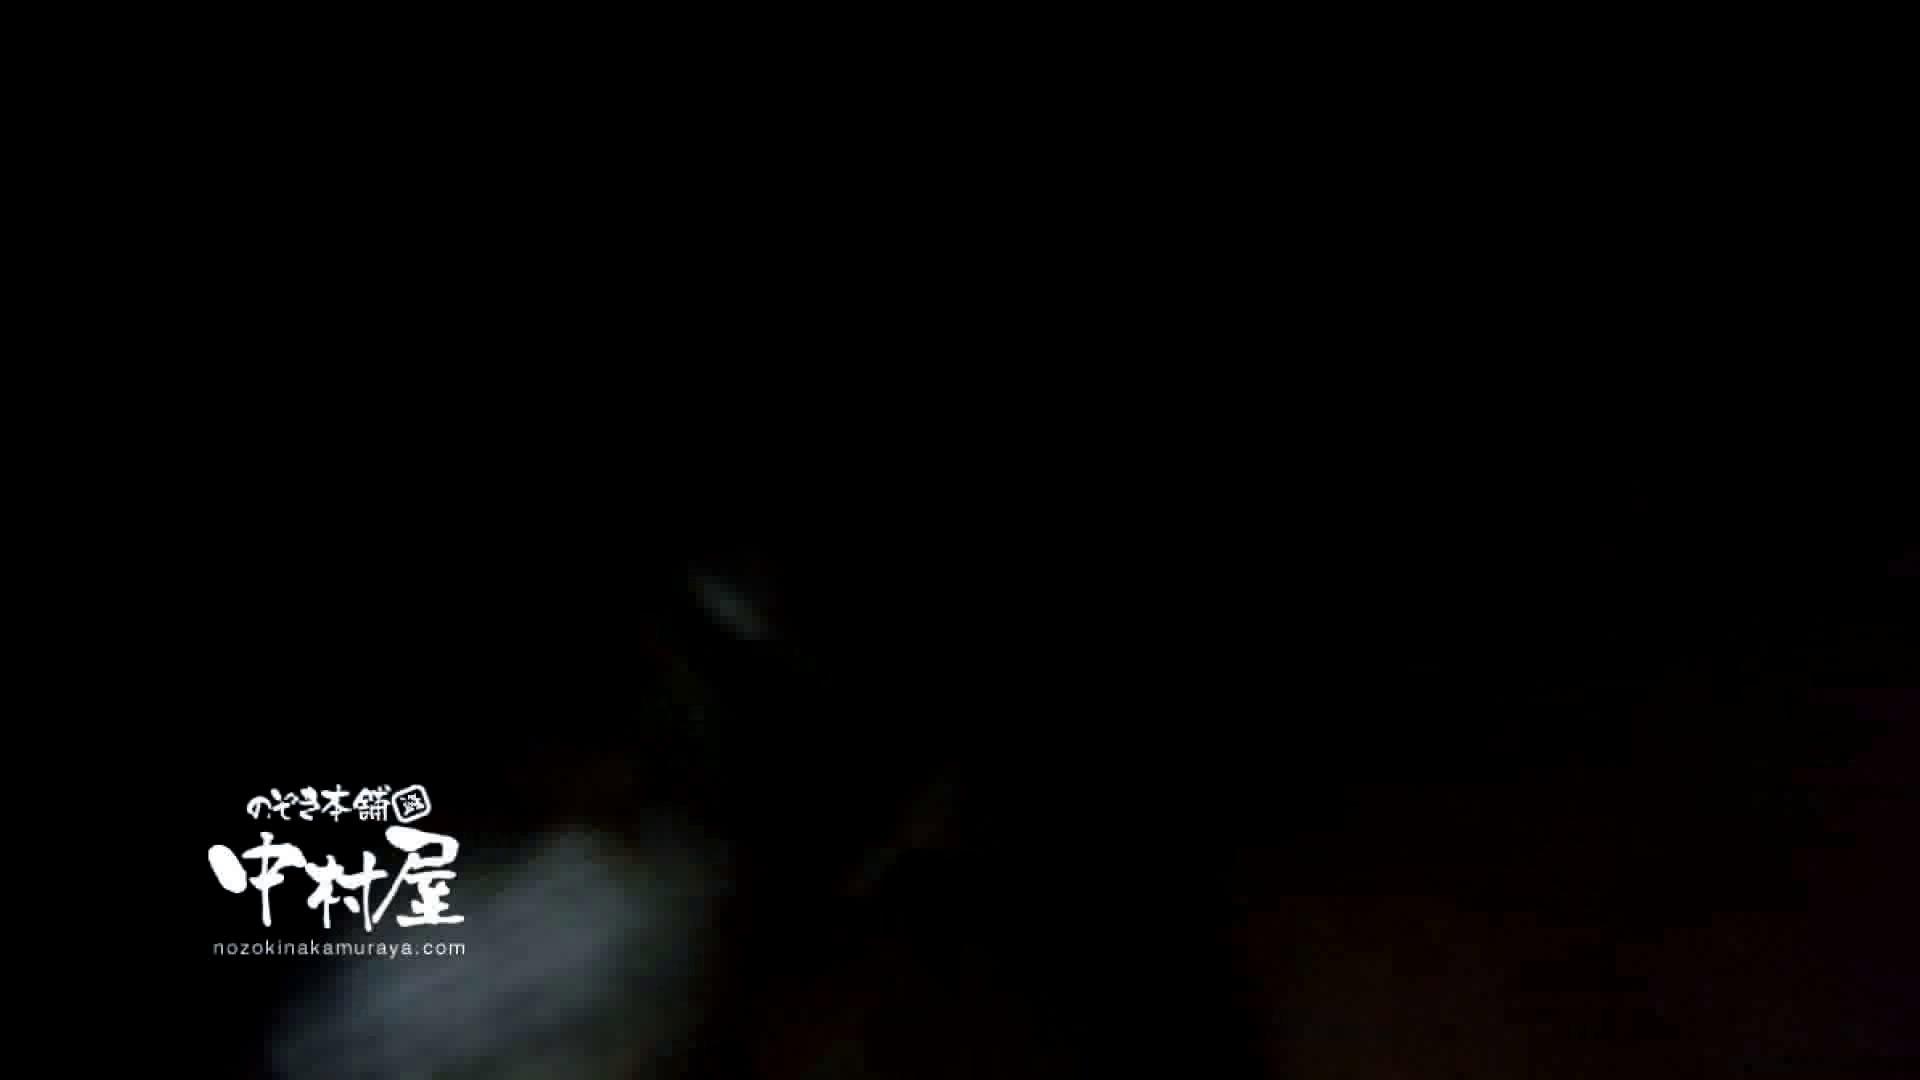 鬼畜 vol.16 実はマンざらでもない柔らかおっぱいちゃん 前編 鬼畜 オマンコ無修正動画無料 93pic 2